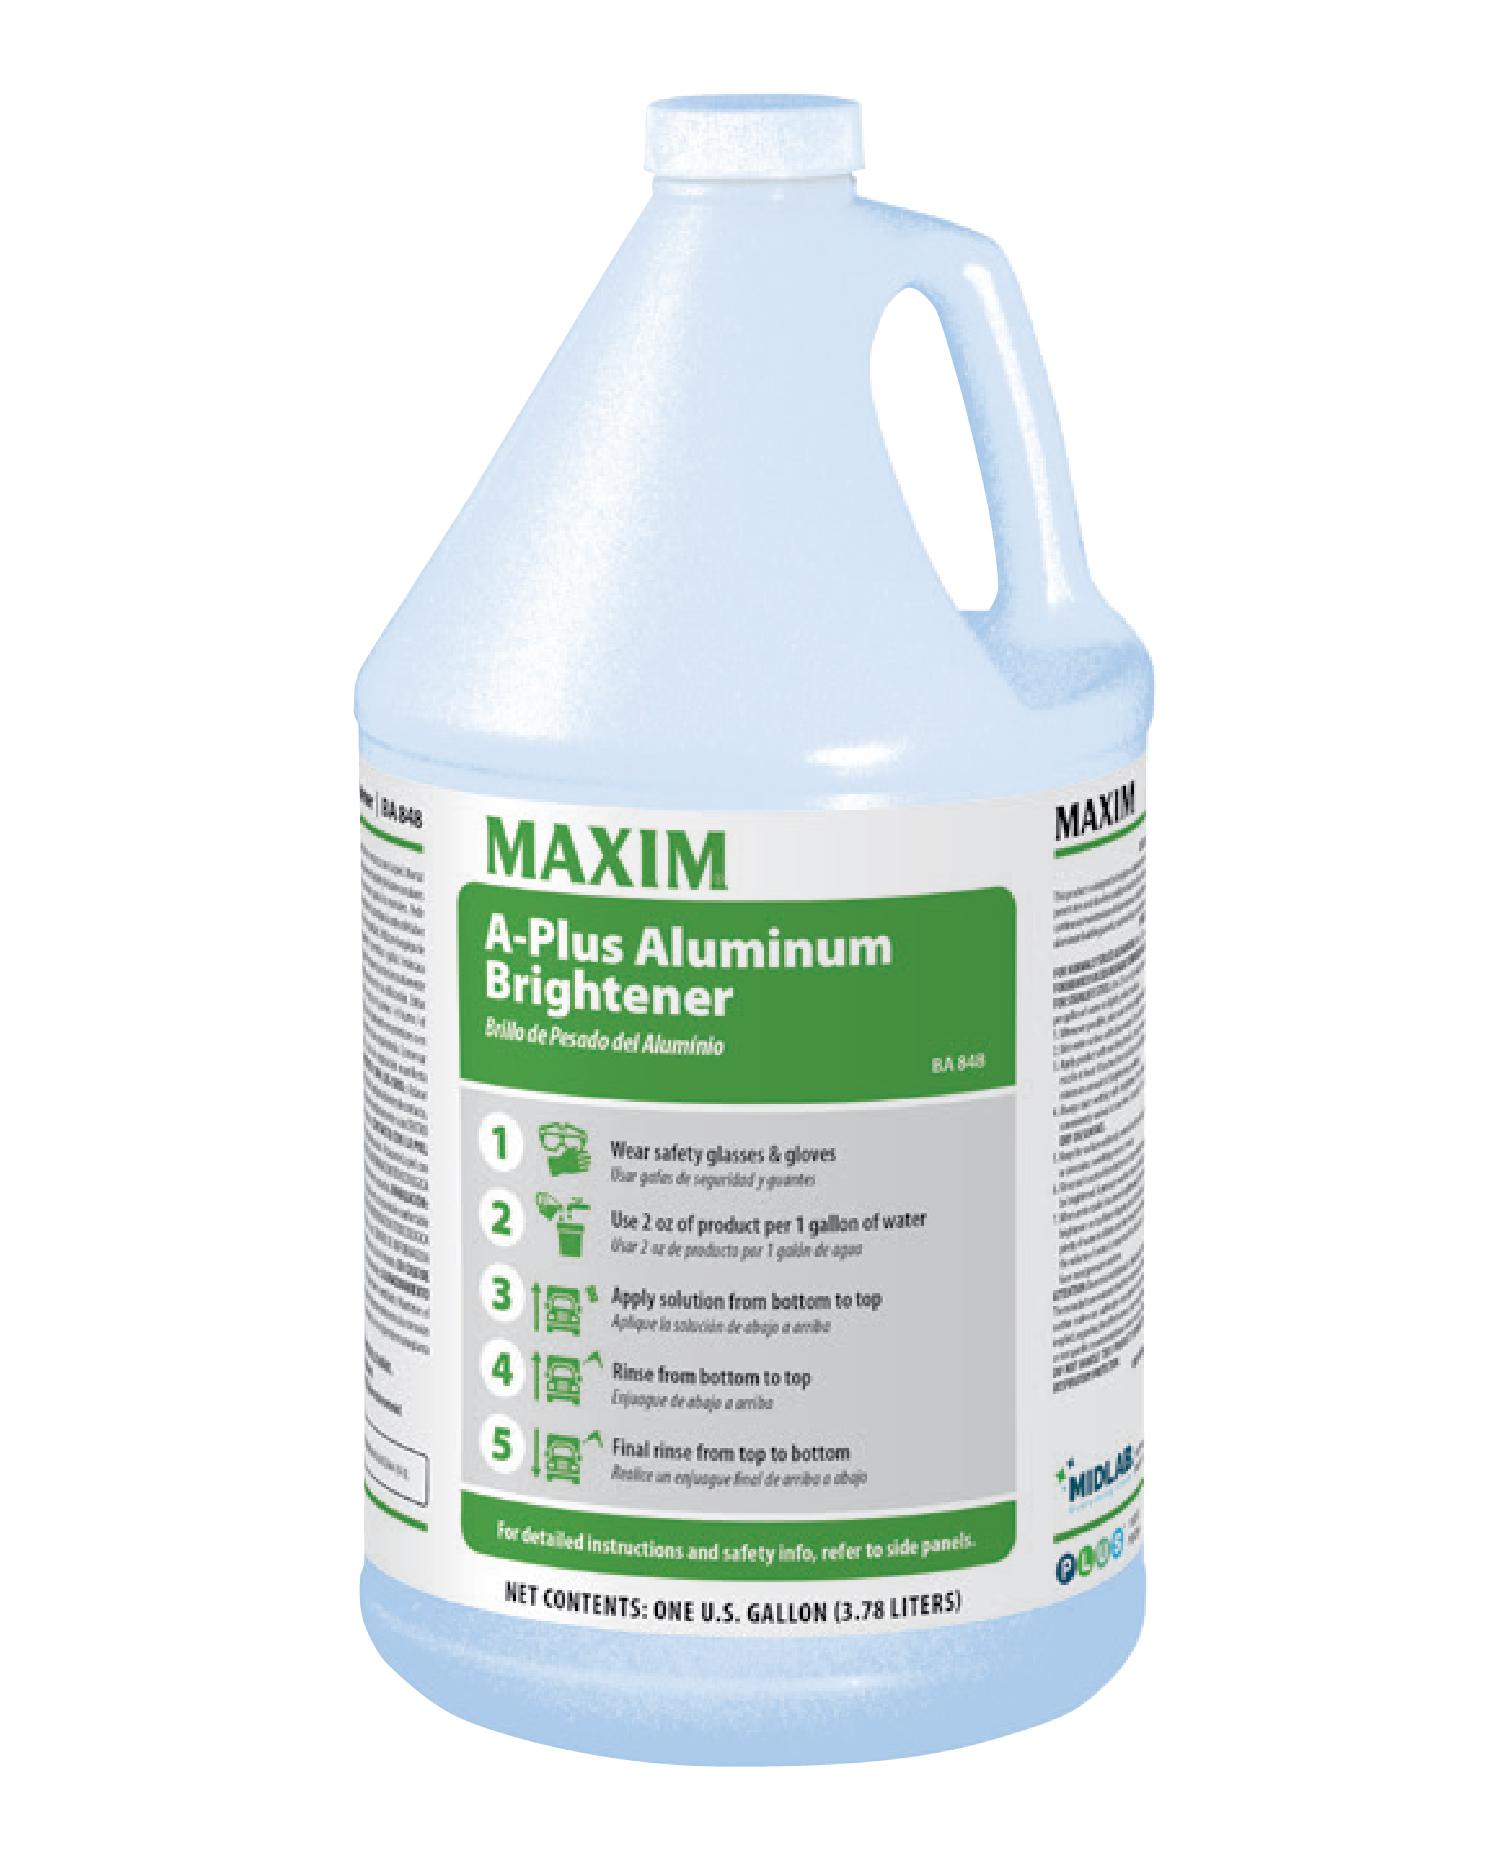 Maxim A-Plus Aluminum Brightener